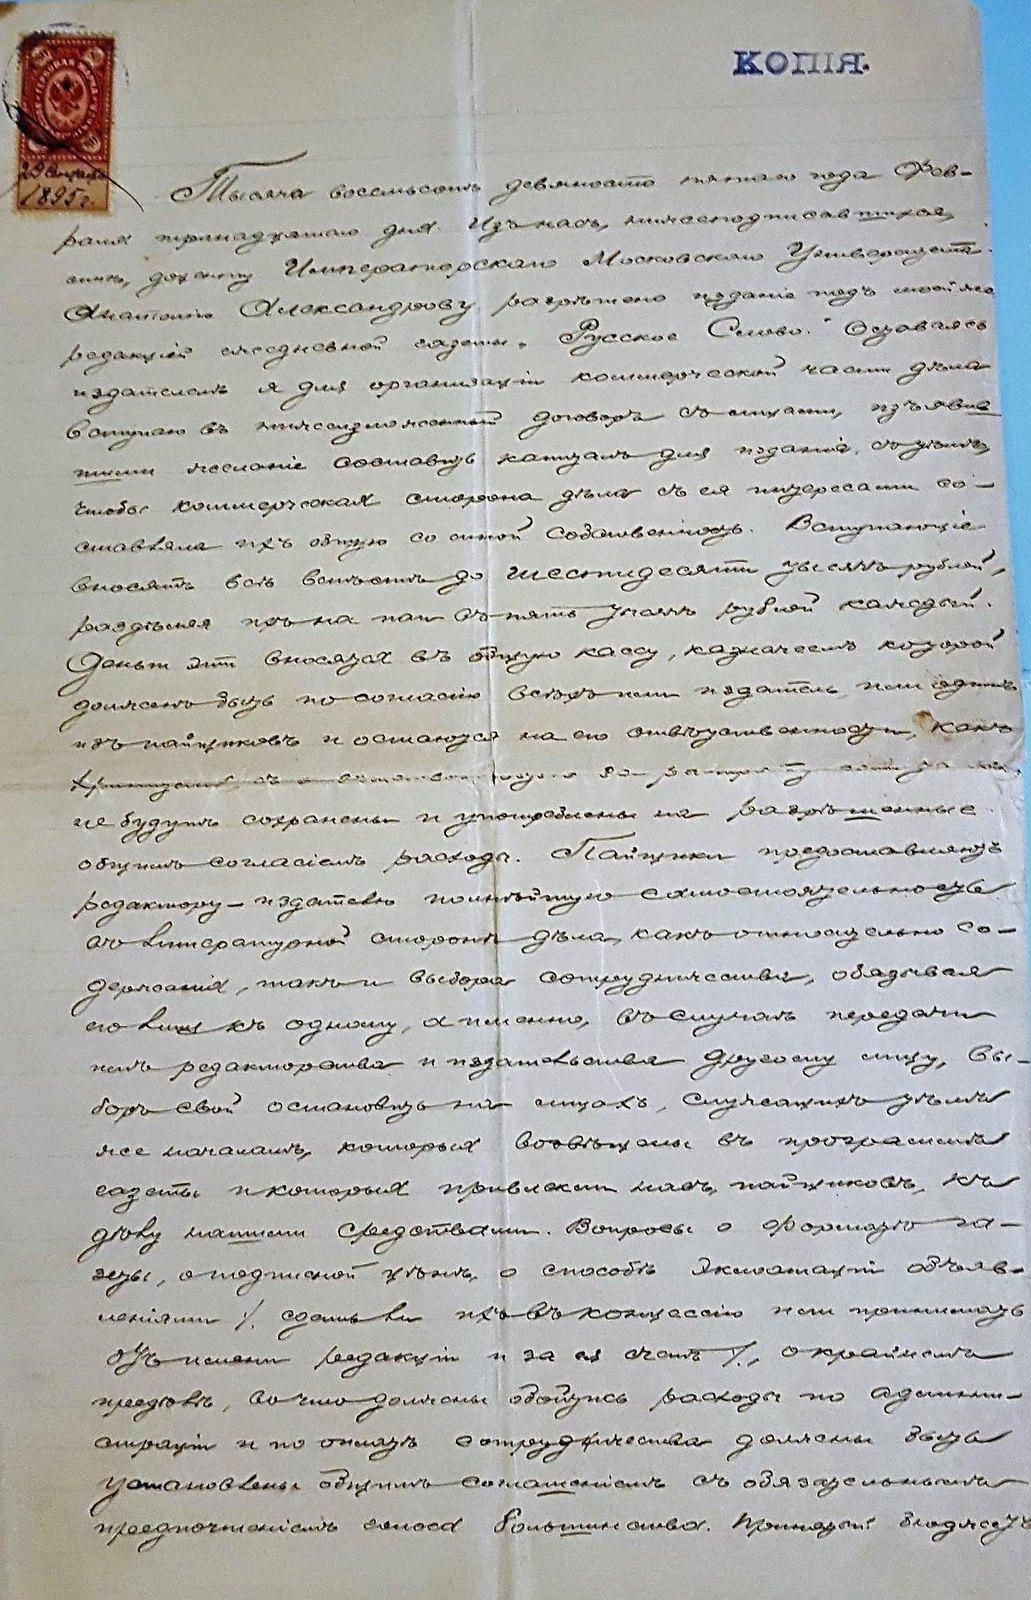 13. 1895. Договор на издание газеты «Русское слово» от 29 сентября